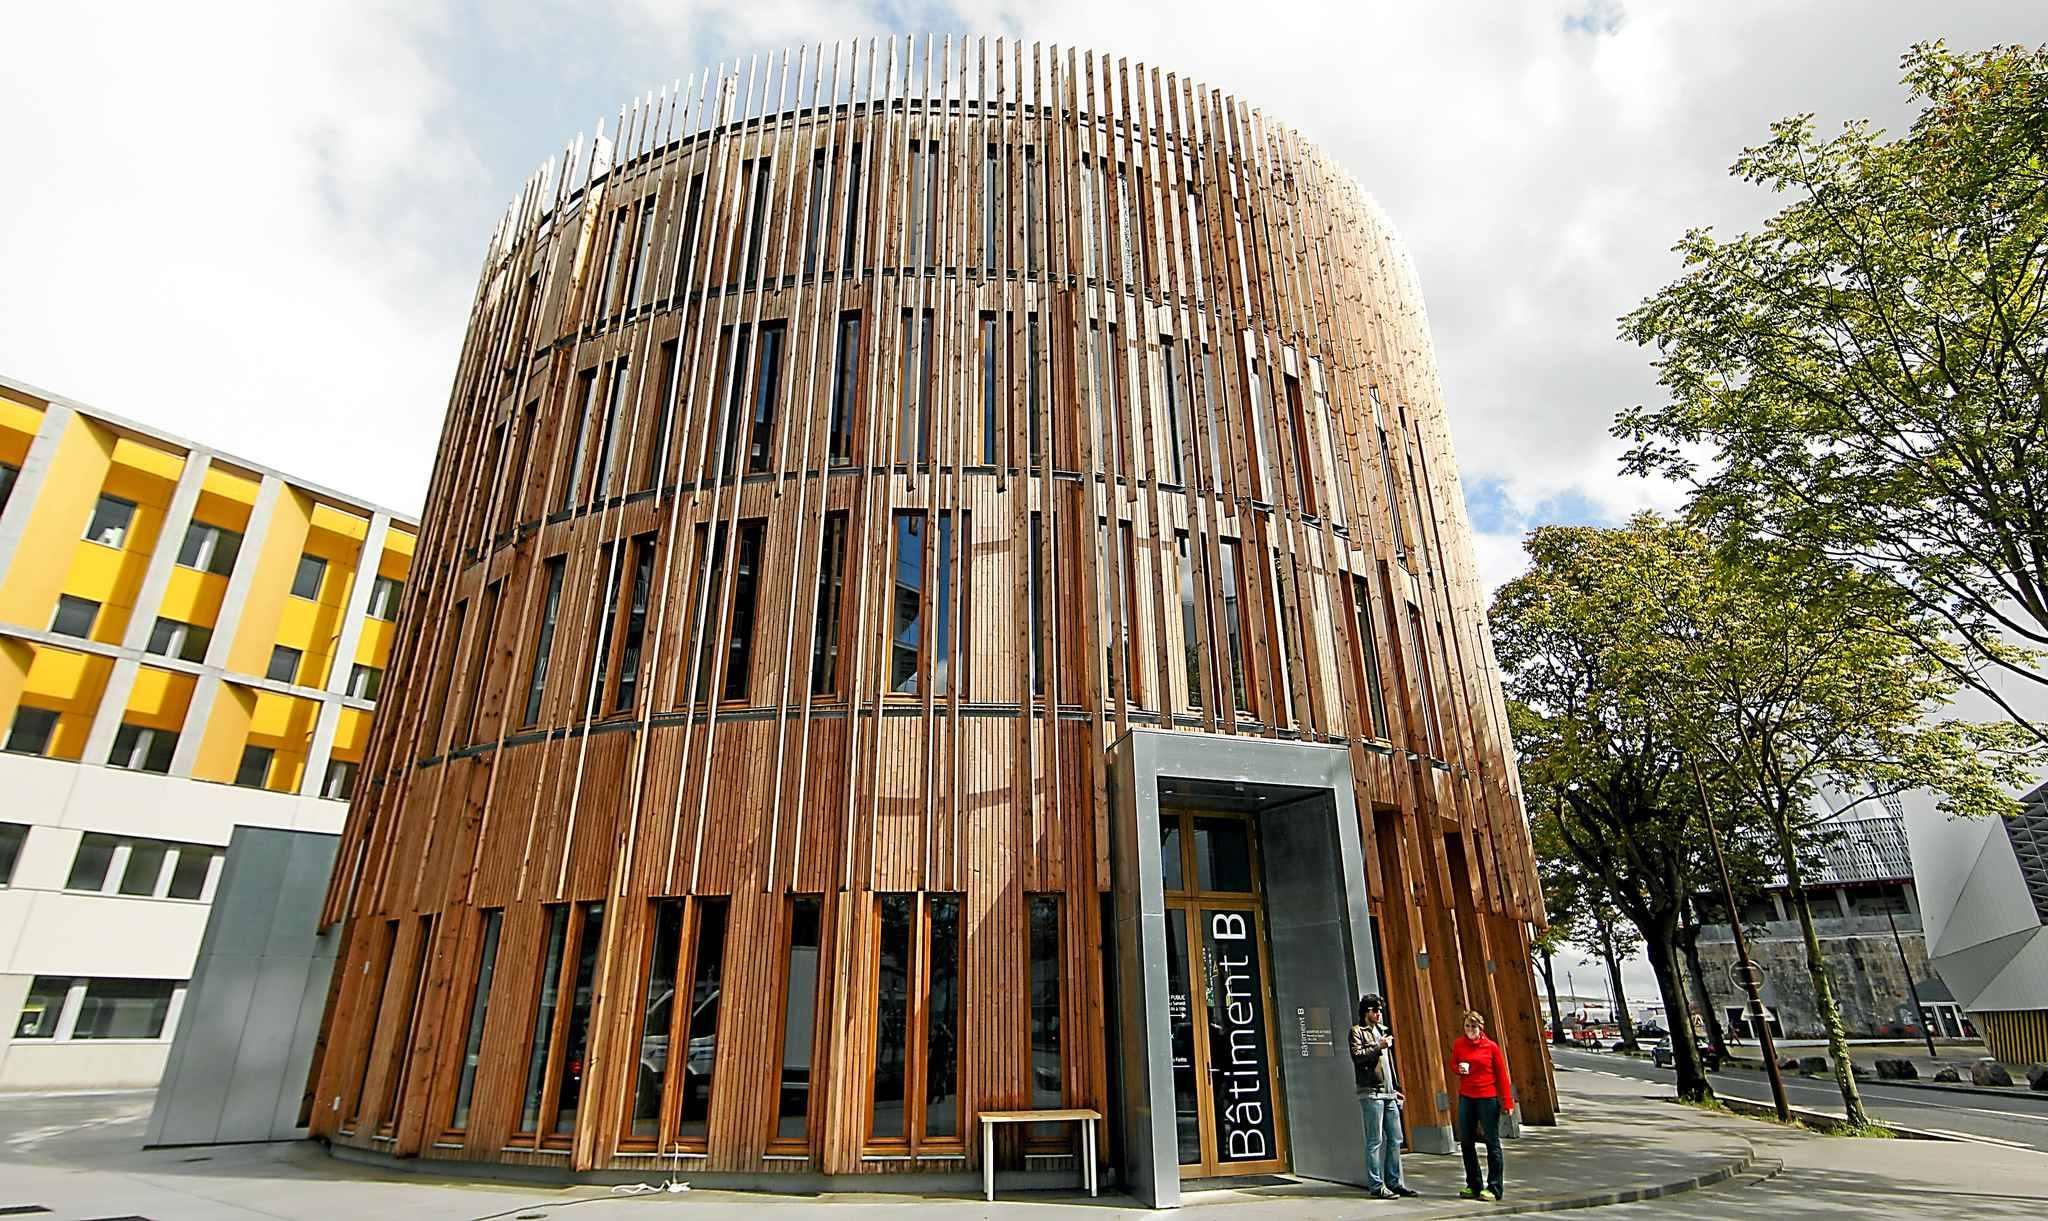 FRANCIA: Emblemático edificio de madera es modelo mundial de ...